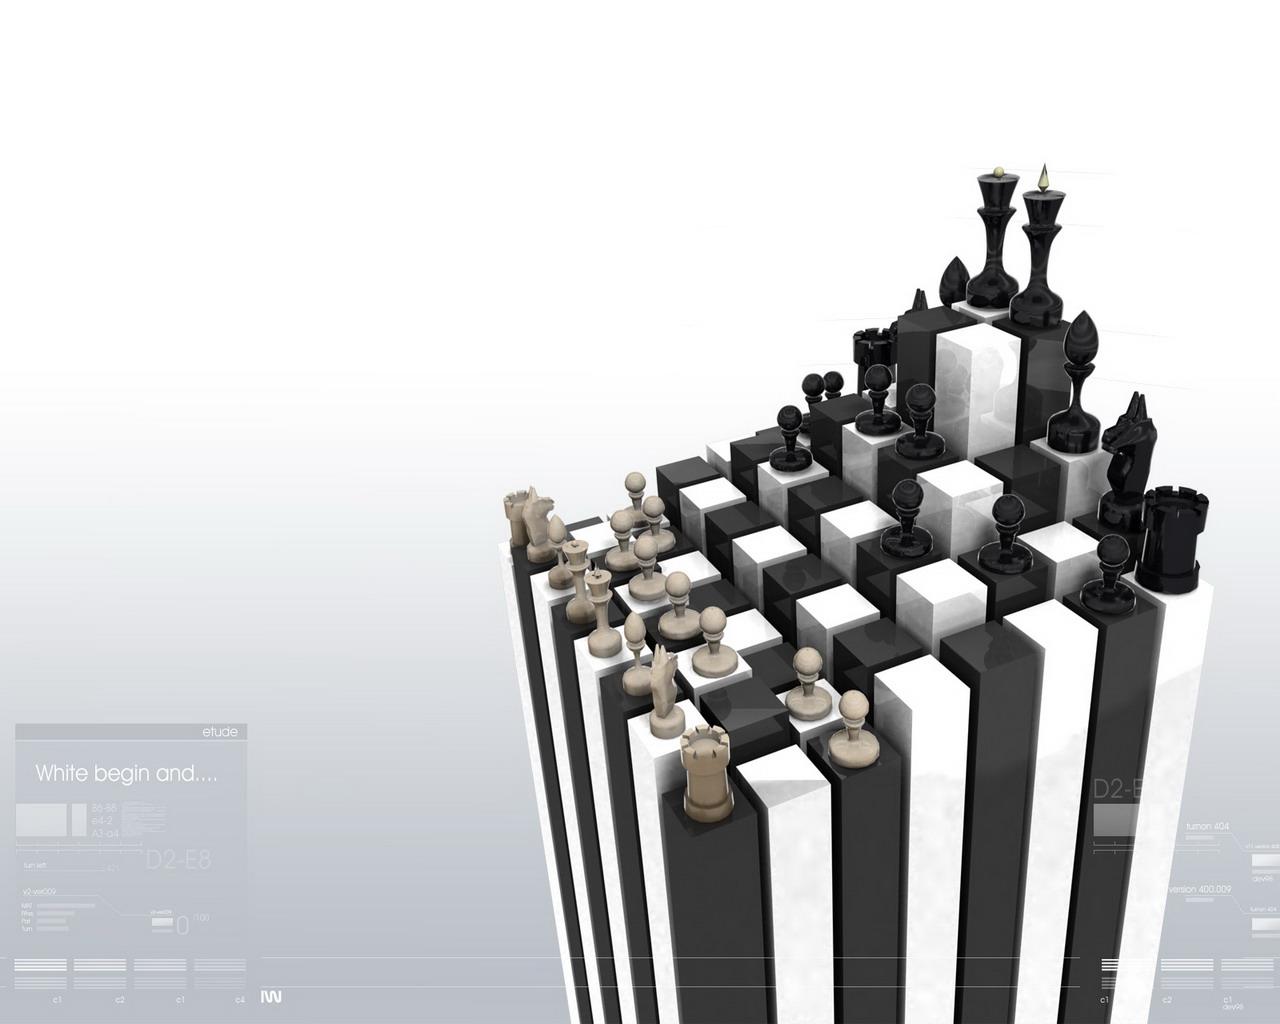 壁紙 チェス 3dグラフィックス ダウンロード 写真